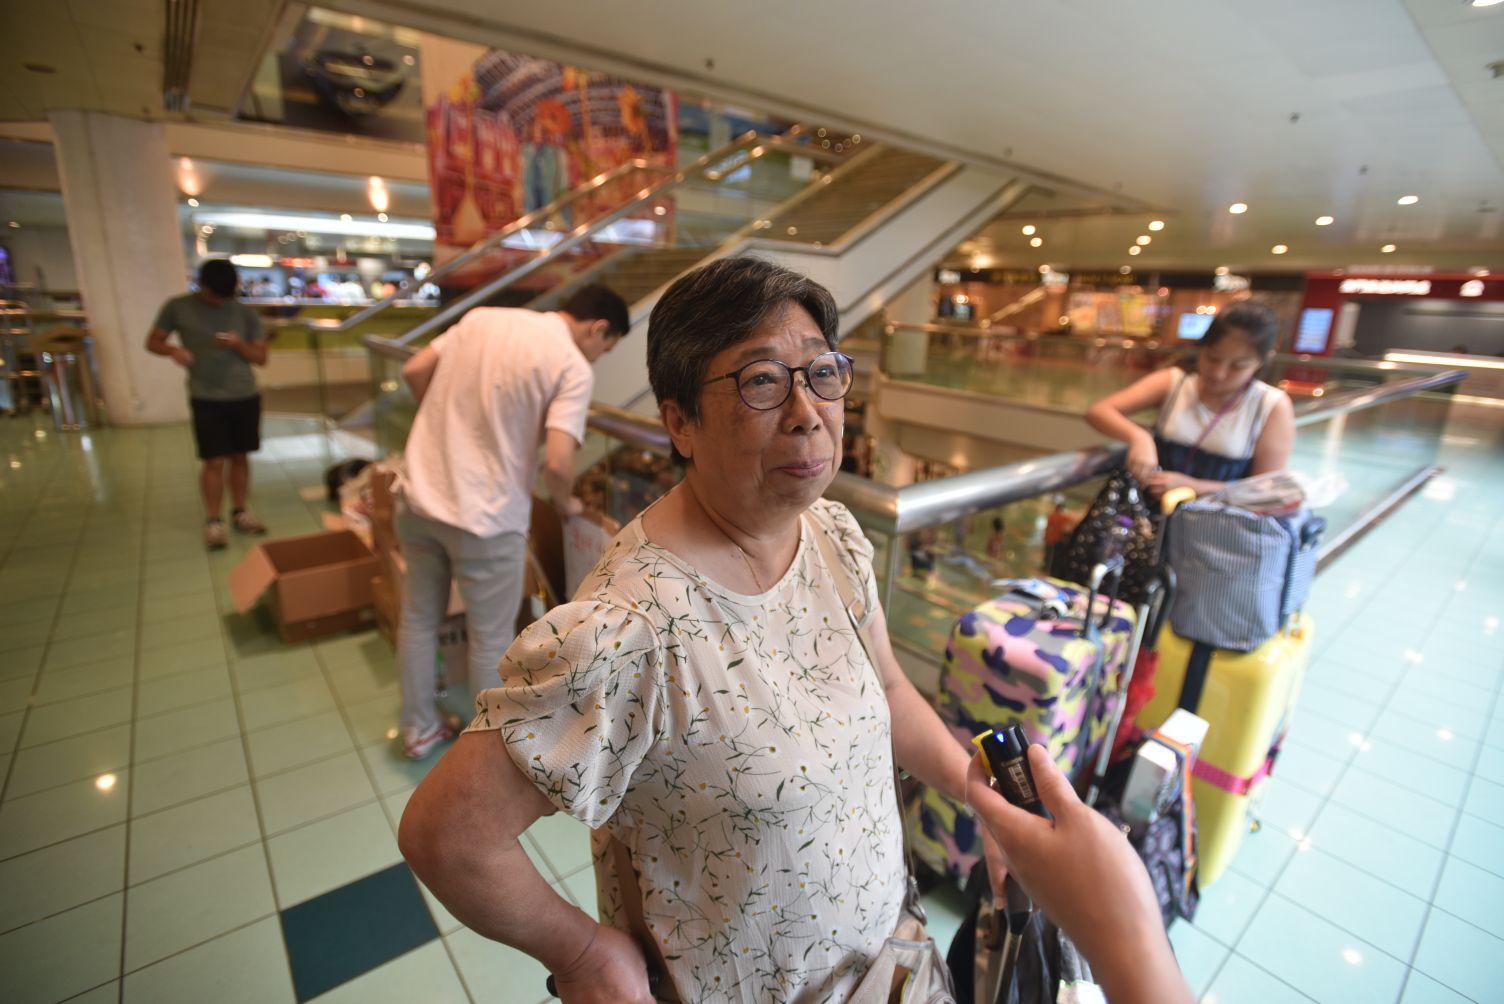 鄭女士買了一批餅乾及樽裝水帶回澳門。